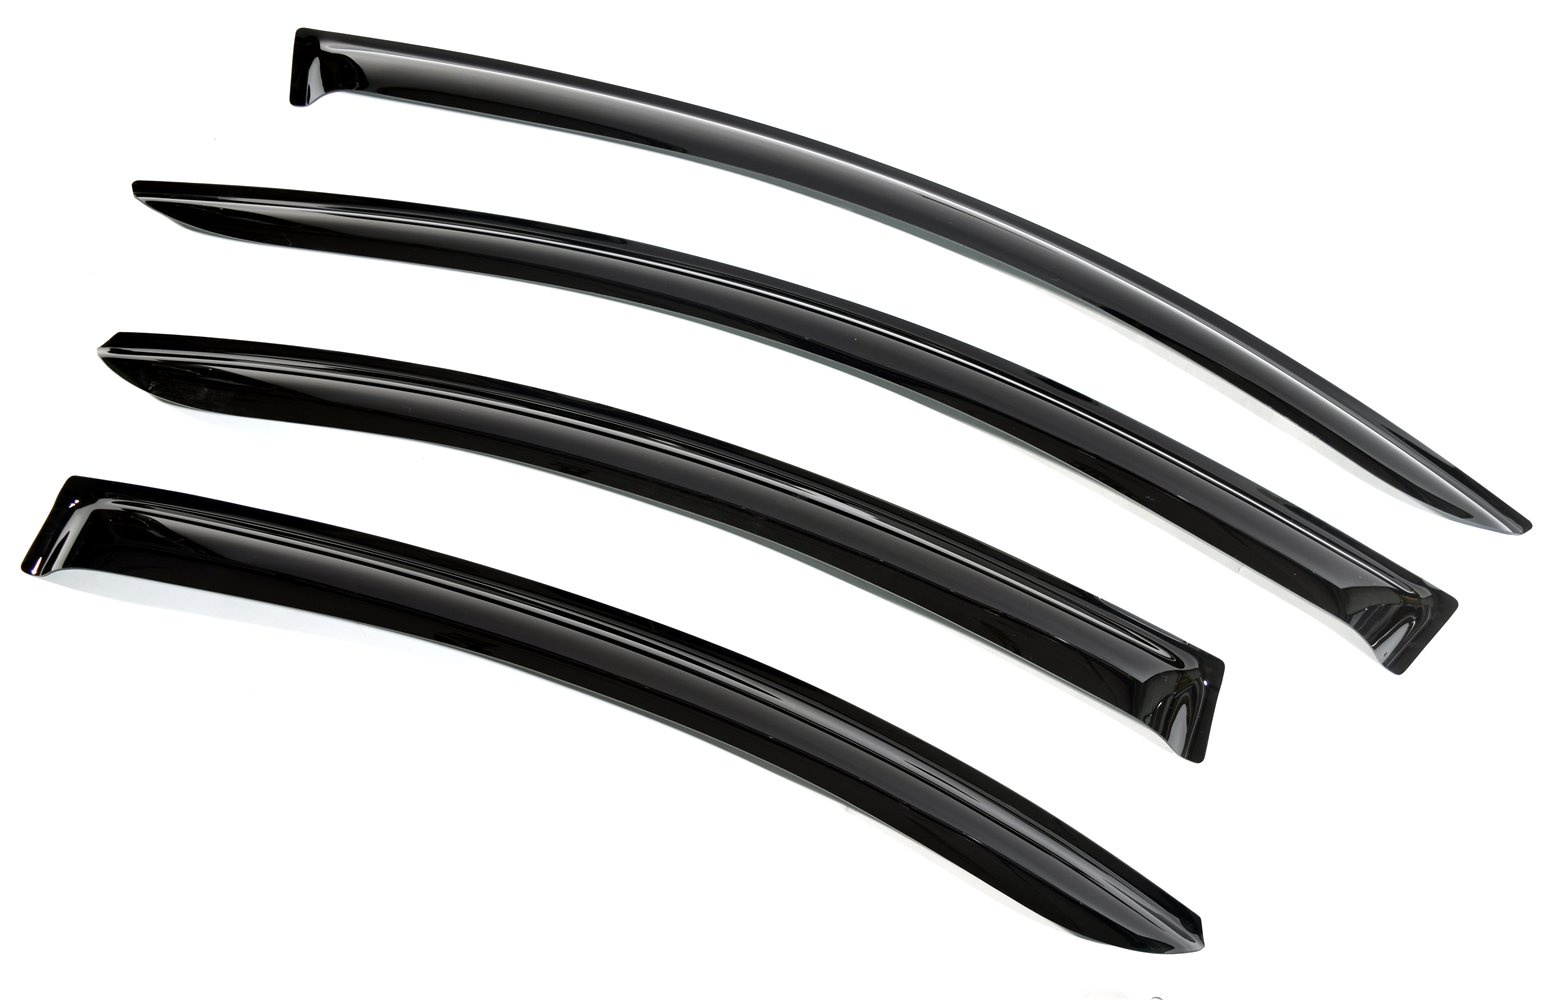 Ветровик SIM Дефлекторы боковых окон Mazda (Мазда) 6 (2008-2012) (темный) дефлекторы окон накладные rein mazda 6 2012 седан